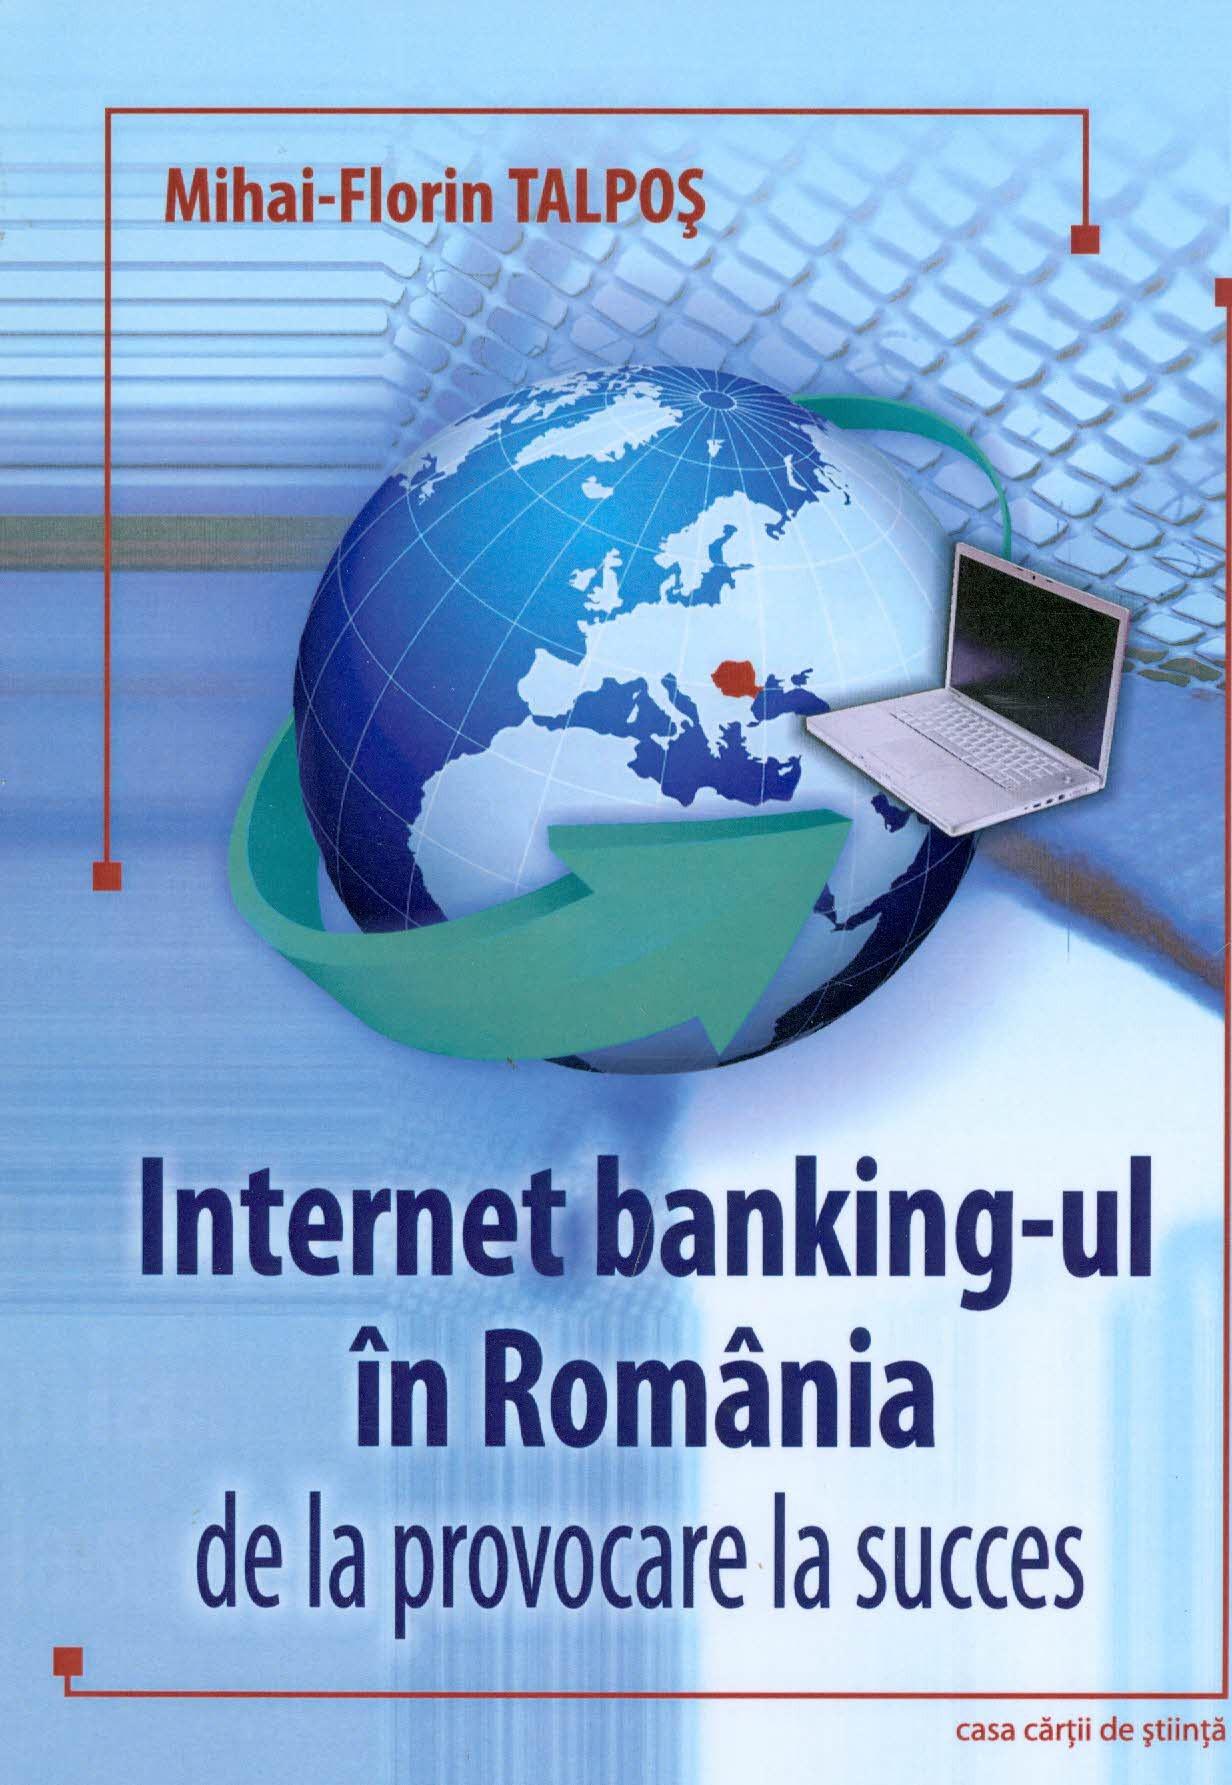 Internet Banking-ul în Romania, de la provocare la succes